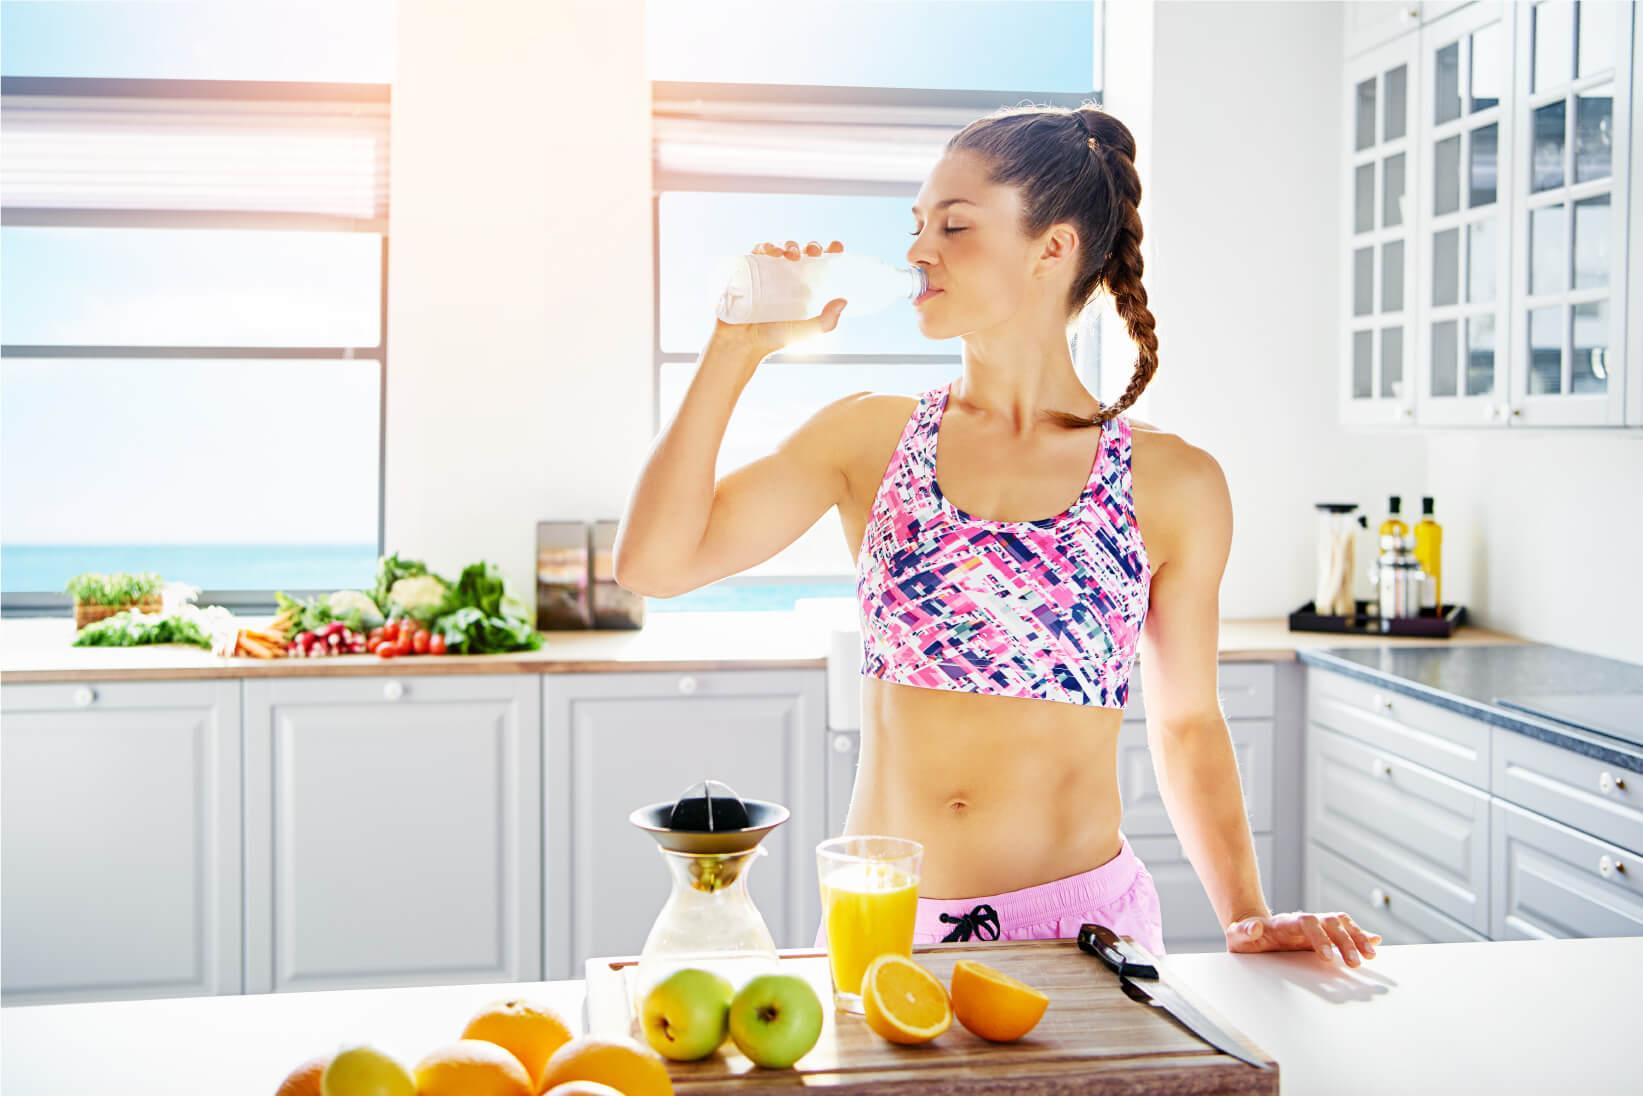 Похудение Дома Диета. Как быстро похудеть в домашних условиях без диет? 10 основных правил как худеть правильно